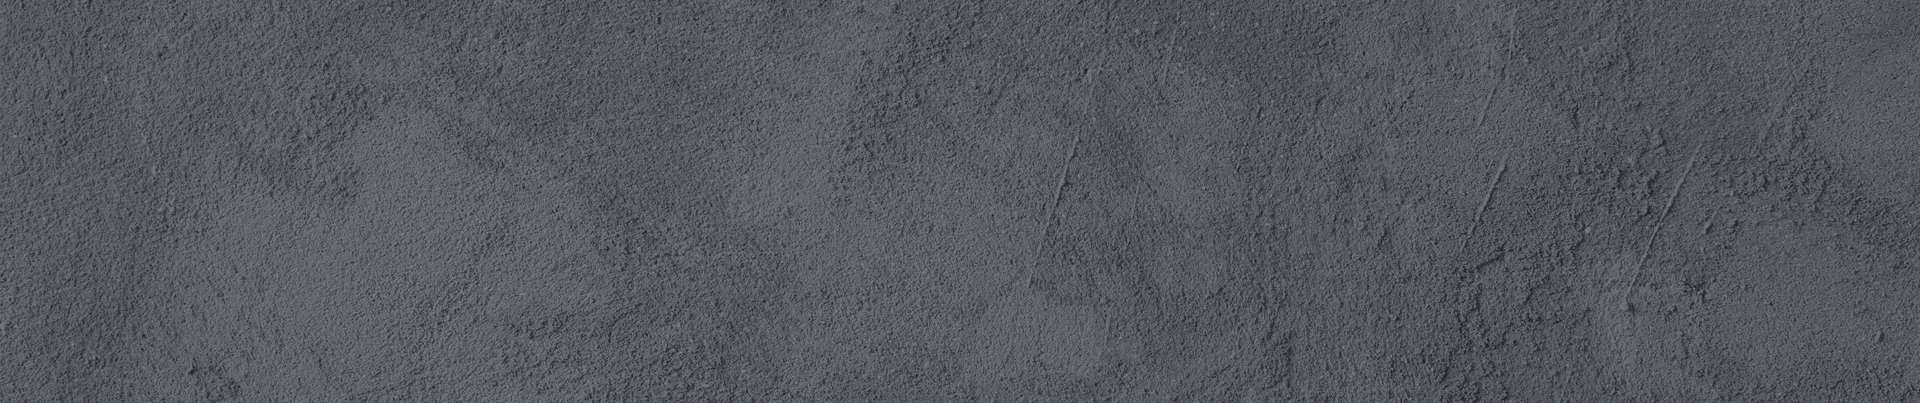 10226716_betoneks-as_34757394_xl.jpg